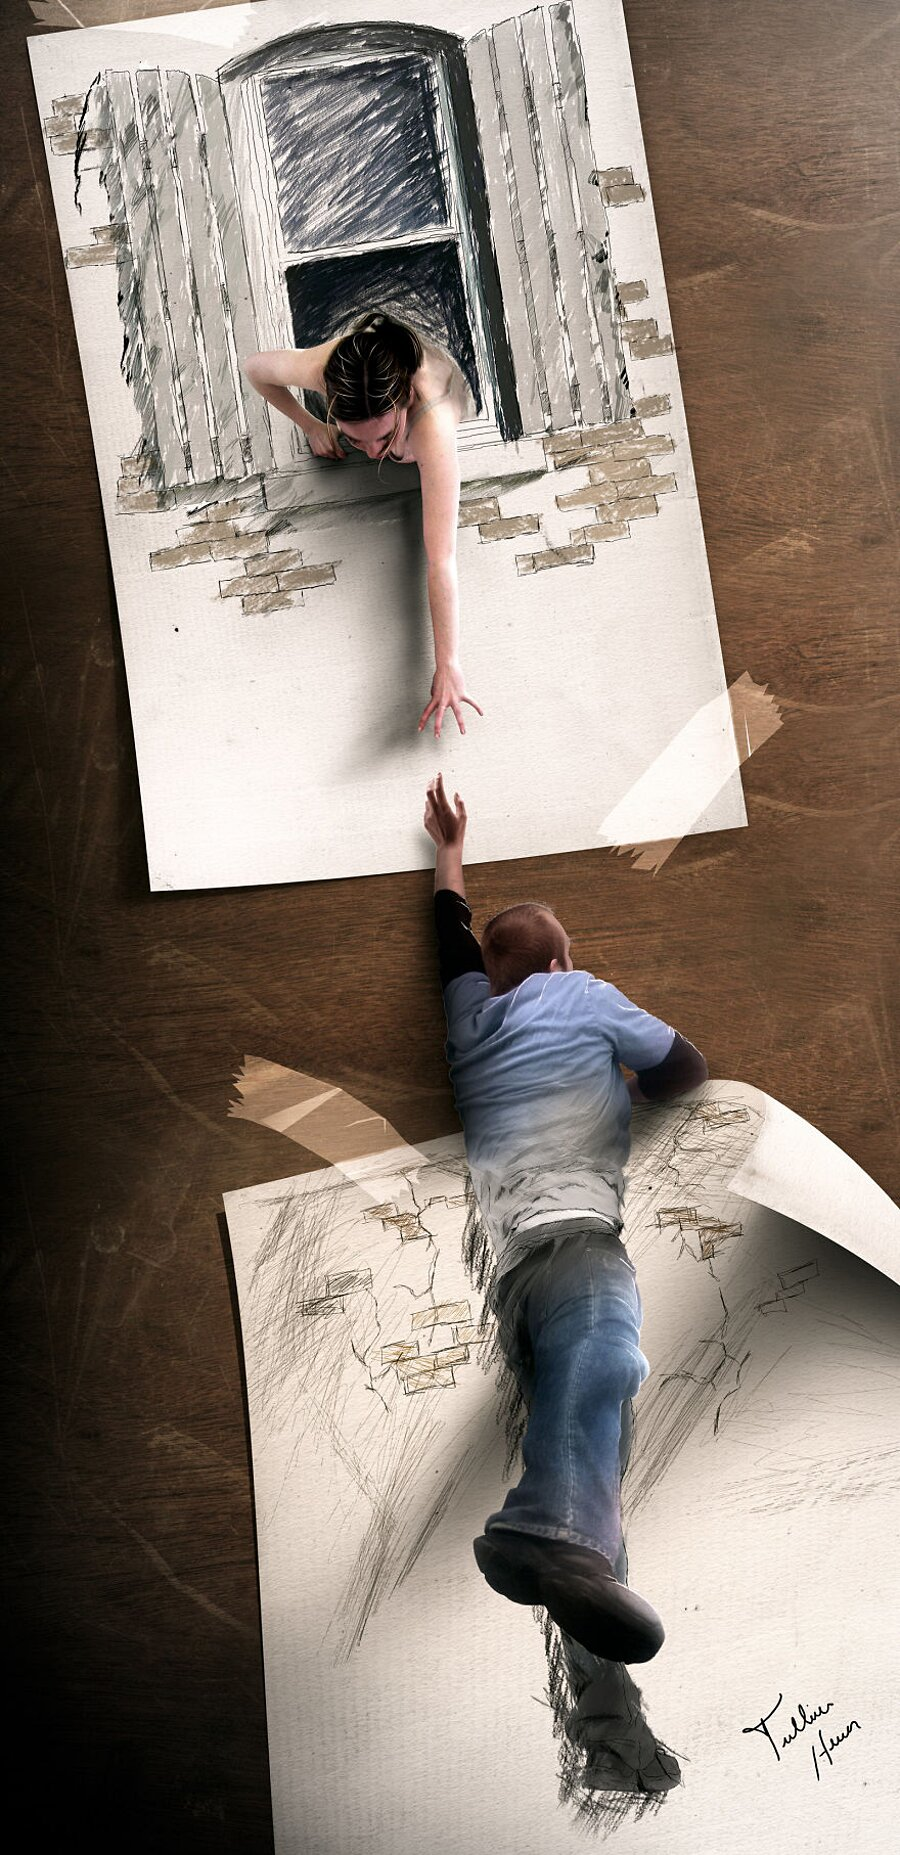 illustrazioni-surreali-tullius-heuer-digital-art-11